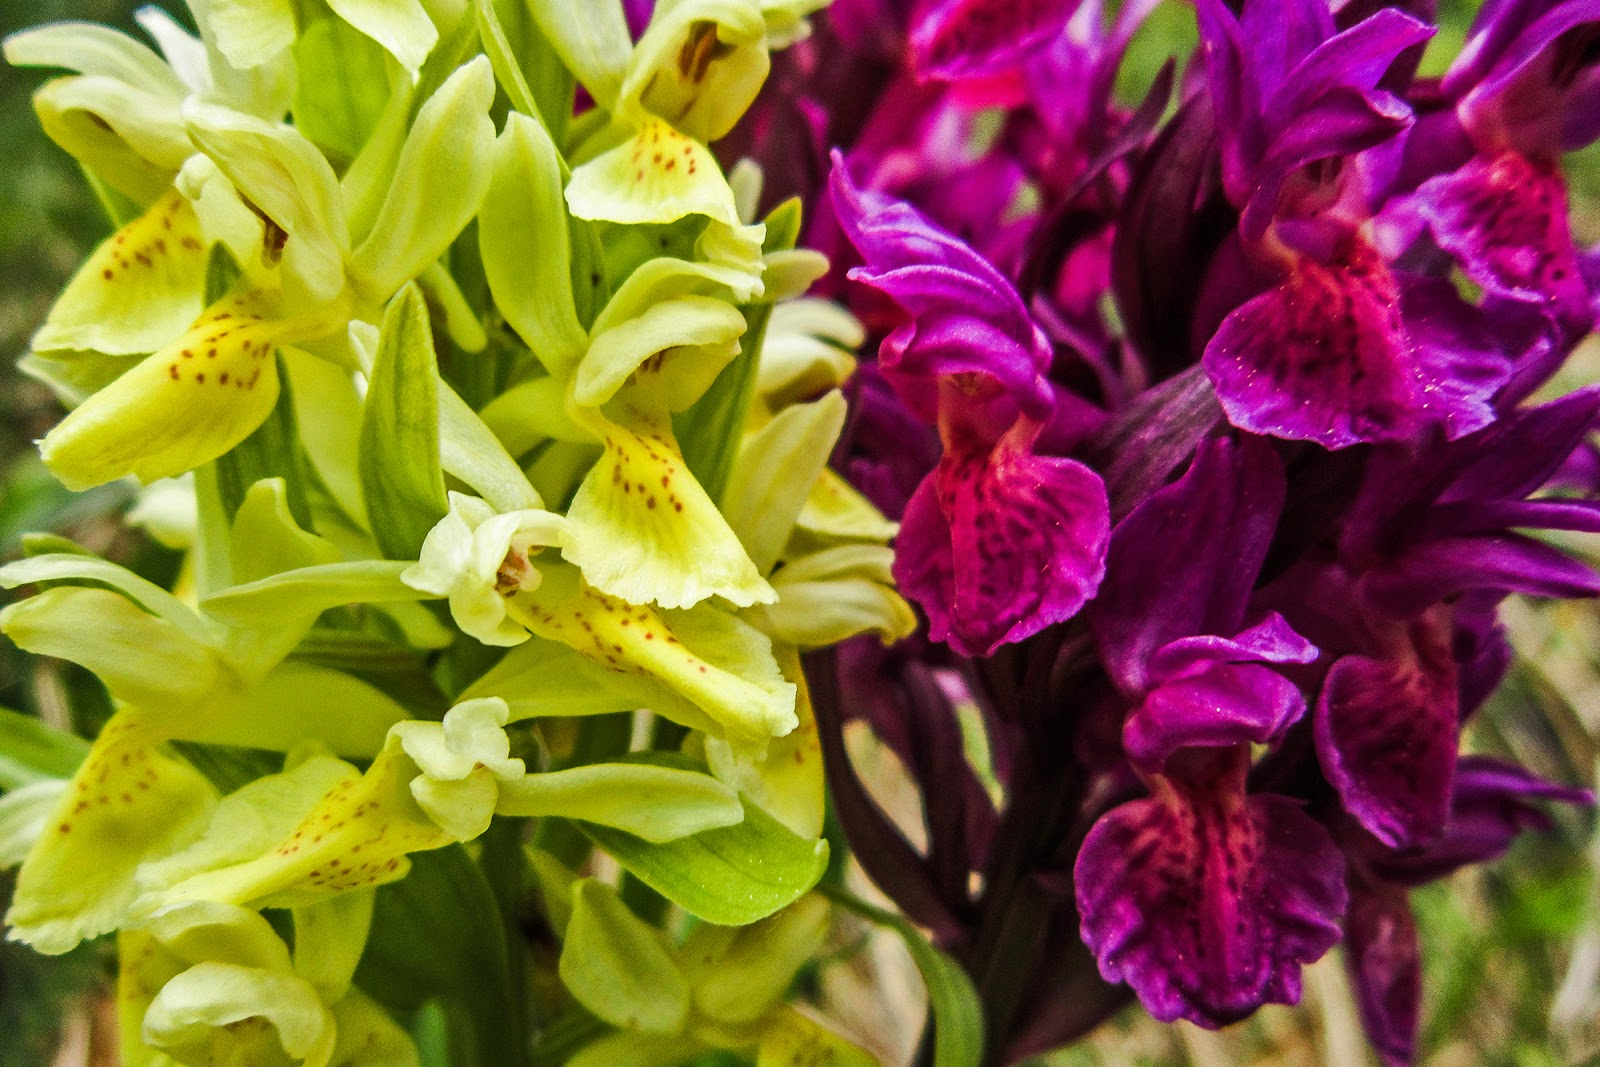 Fiori Che Amano Il Sole 4 passi in val di sole: orchidee spontanee in val di sole